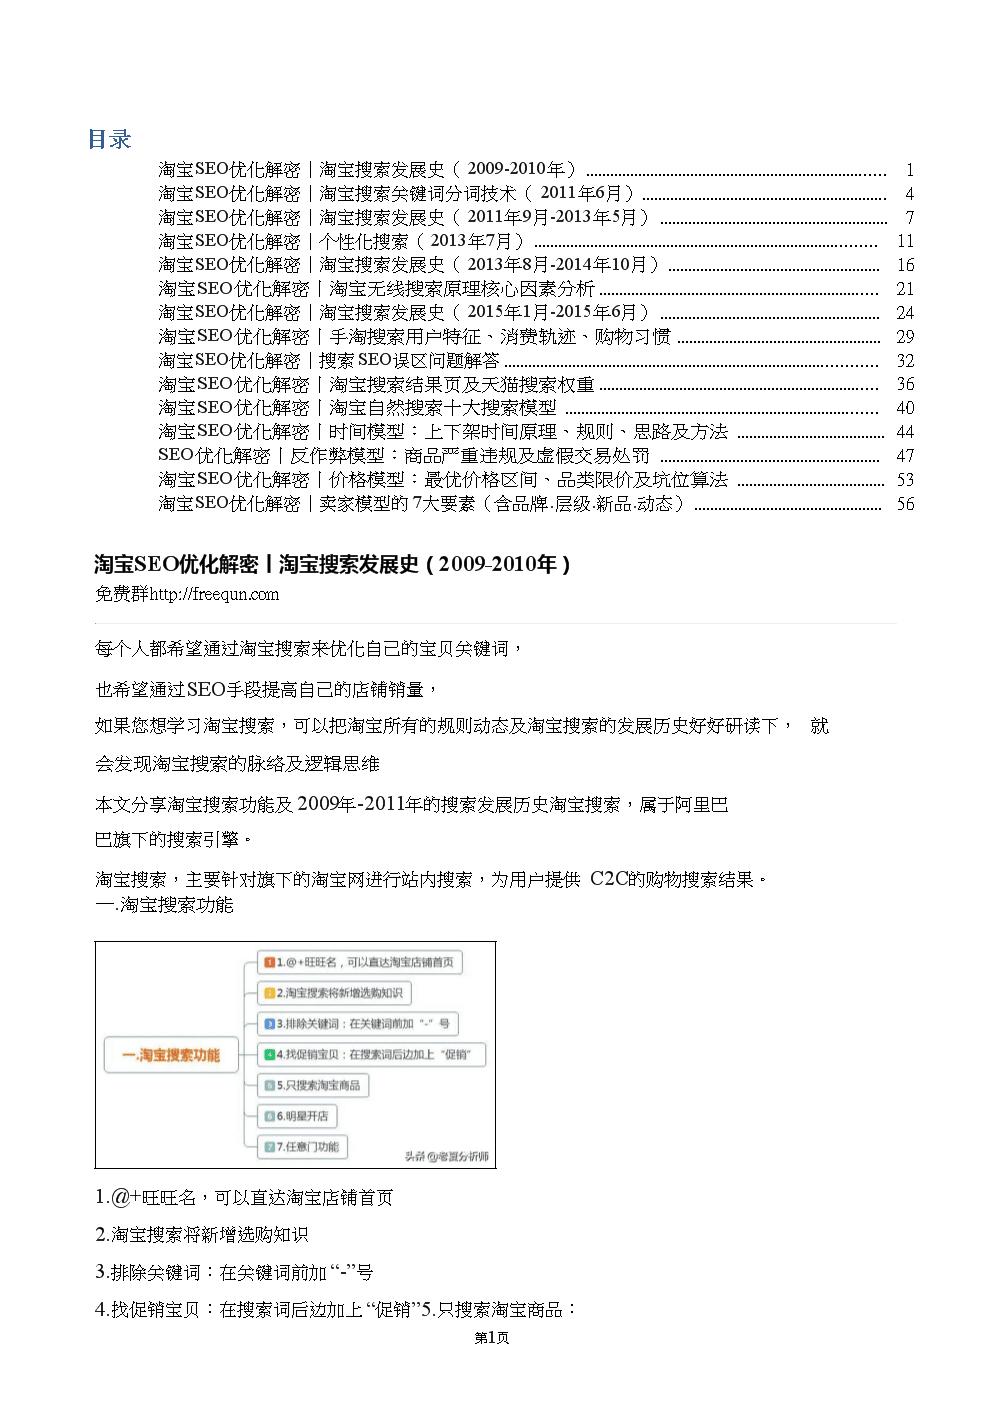 淘SEO解密-搜索排名优化.doc